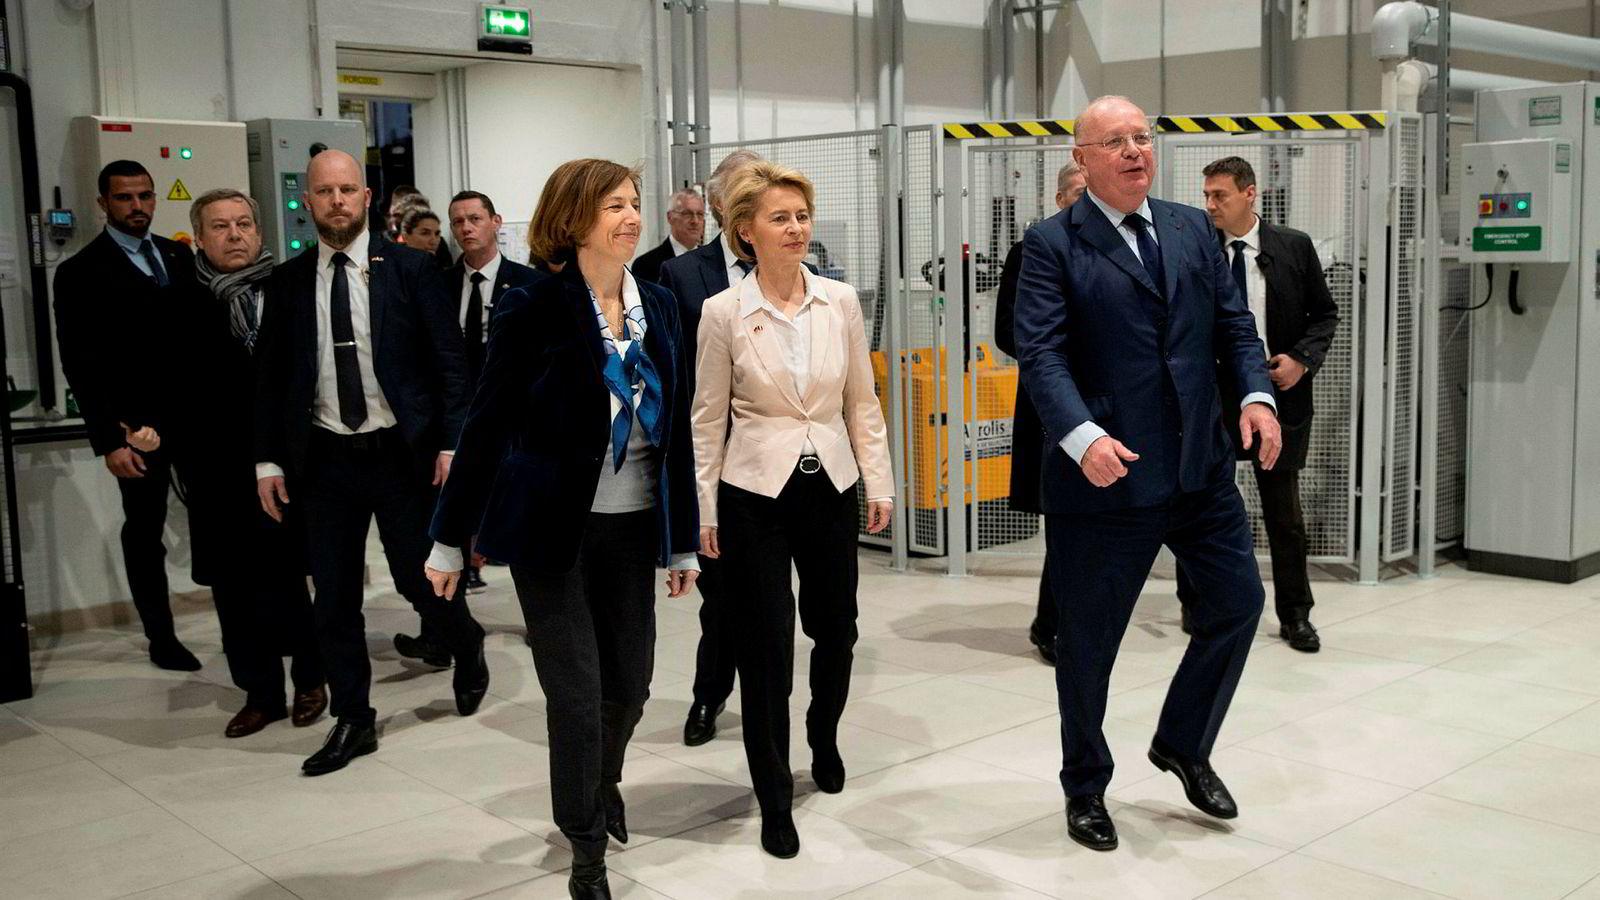 Frankrikes forsvarsminister Florence Parly (til venstre) og Tysklands forsvarsminister Ursula von der Leyen (i midten) får selskap av Spania. Til høyre toppsjefen i det franske teknologiselskapet Safran, Ross McInnes ved innvielsen av FCAS (Future Combat Air System).